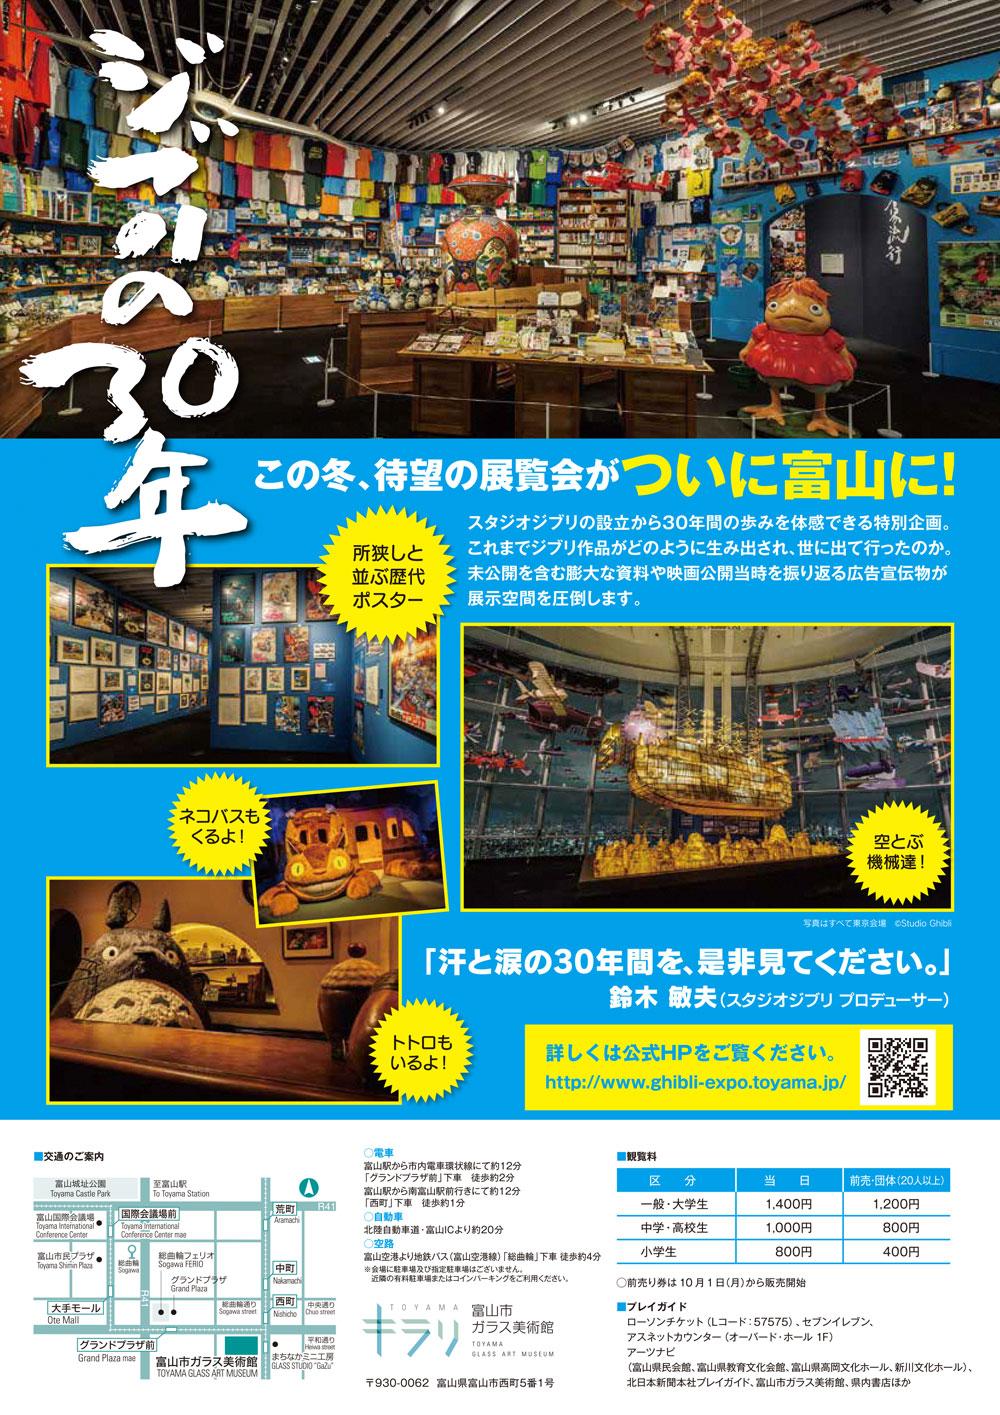 12月に北陸初開催する「ジブリの大博覧会」のポスター裏面